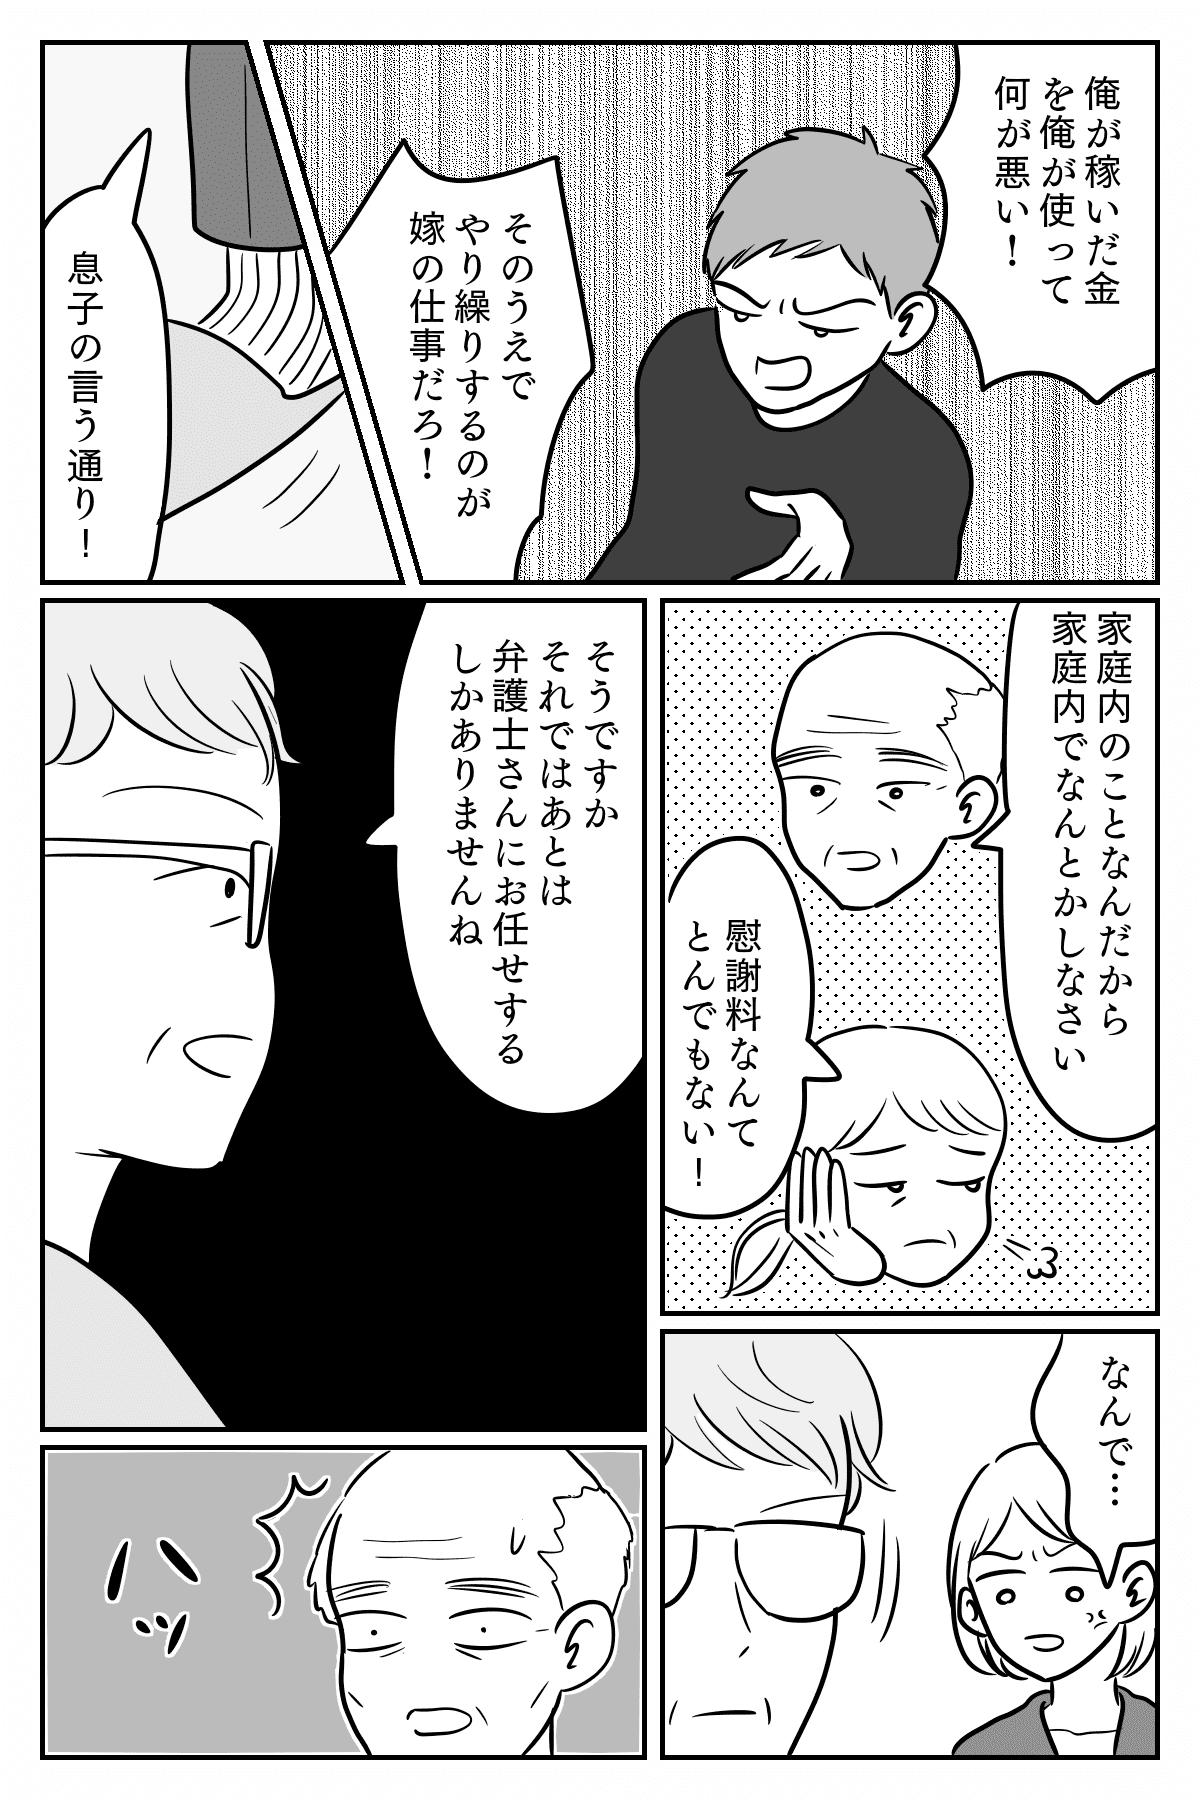 【中編】「600万がない!」夫の貯金使い込みが発覚!